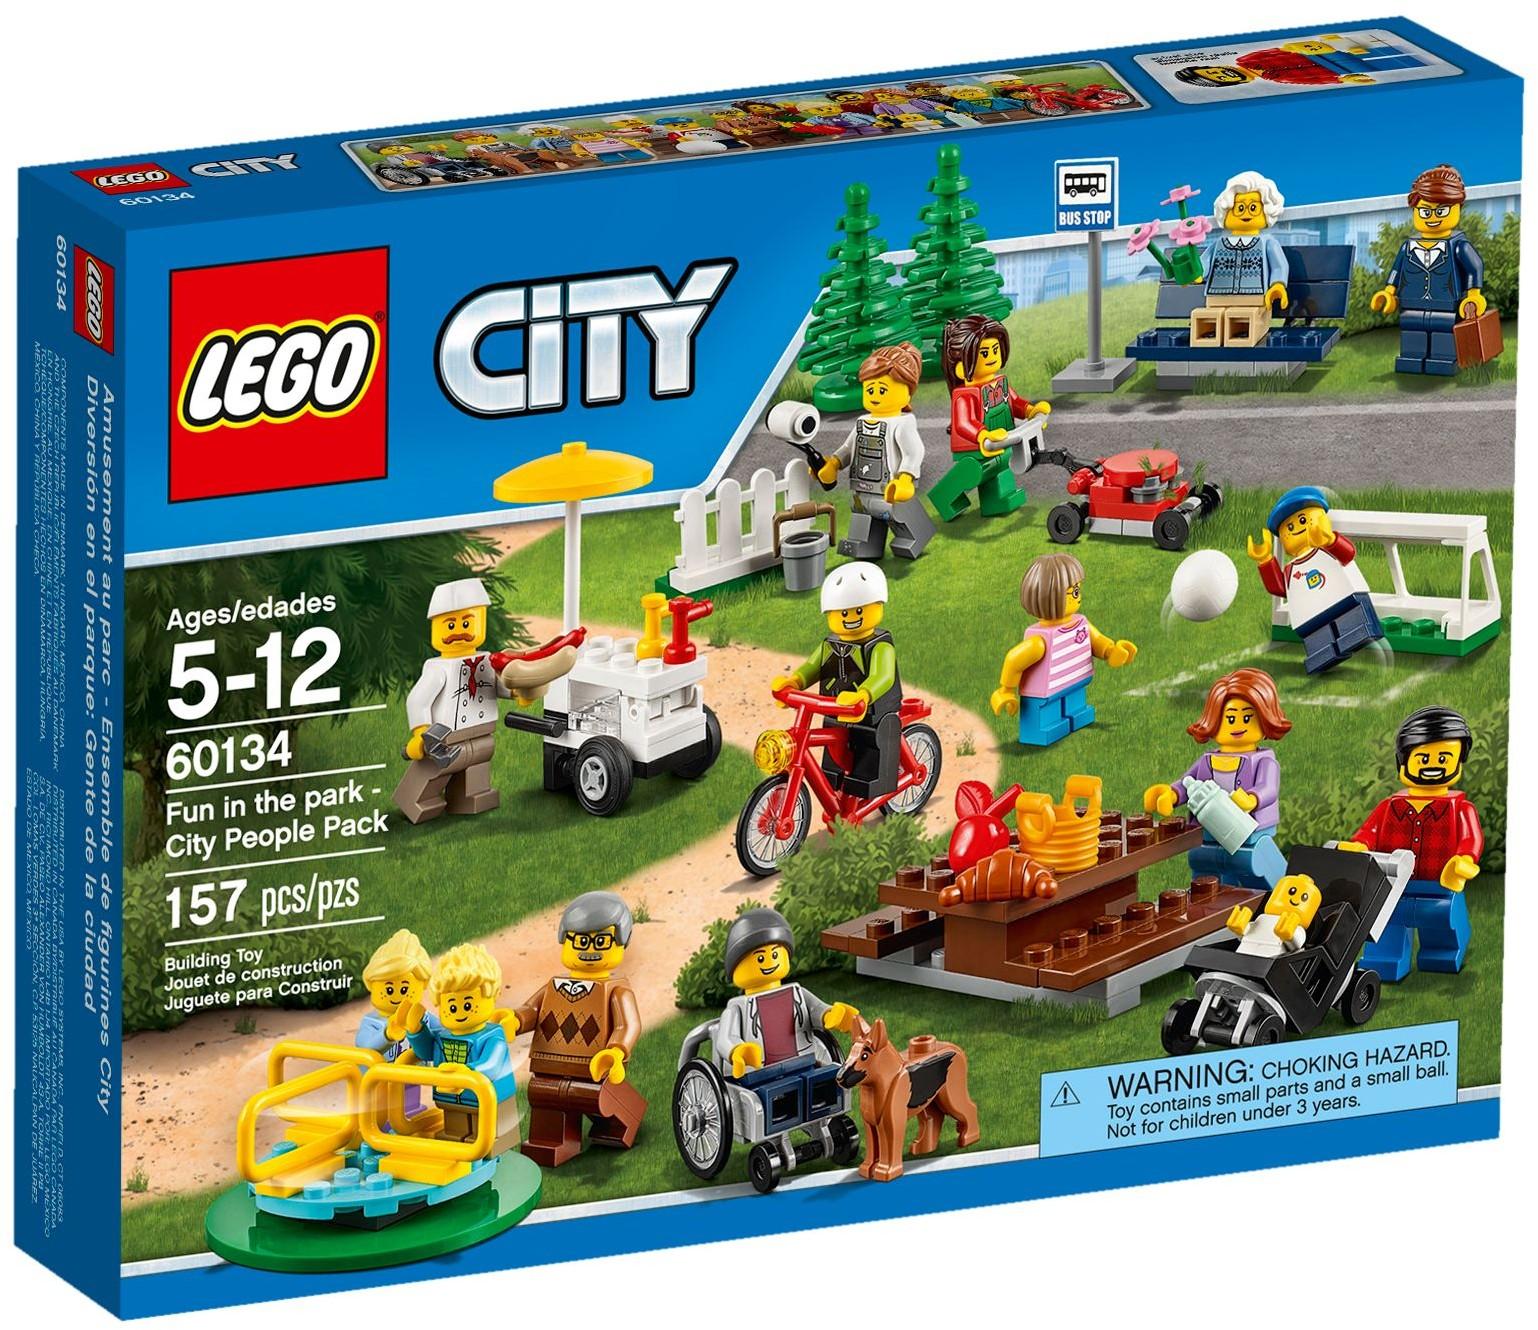 http://images.brickset.com/sets/AdditionalImages/60134-1/60134_alt1.jpg